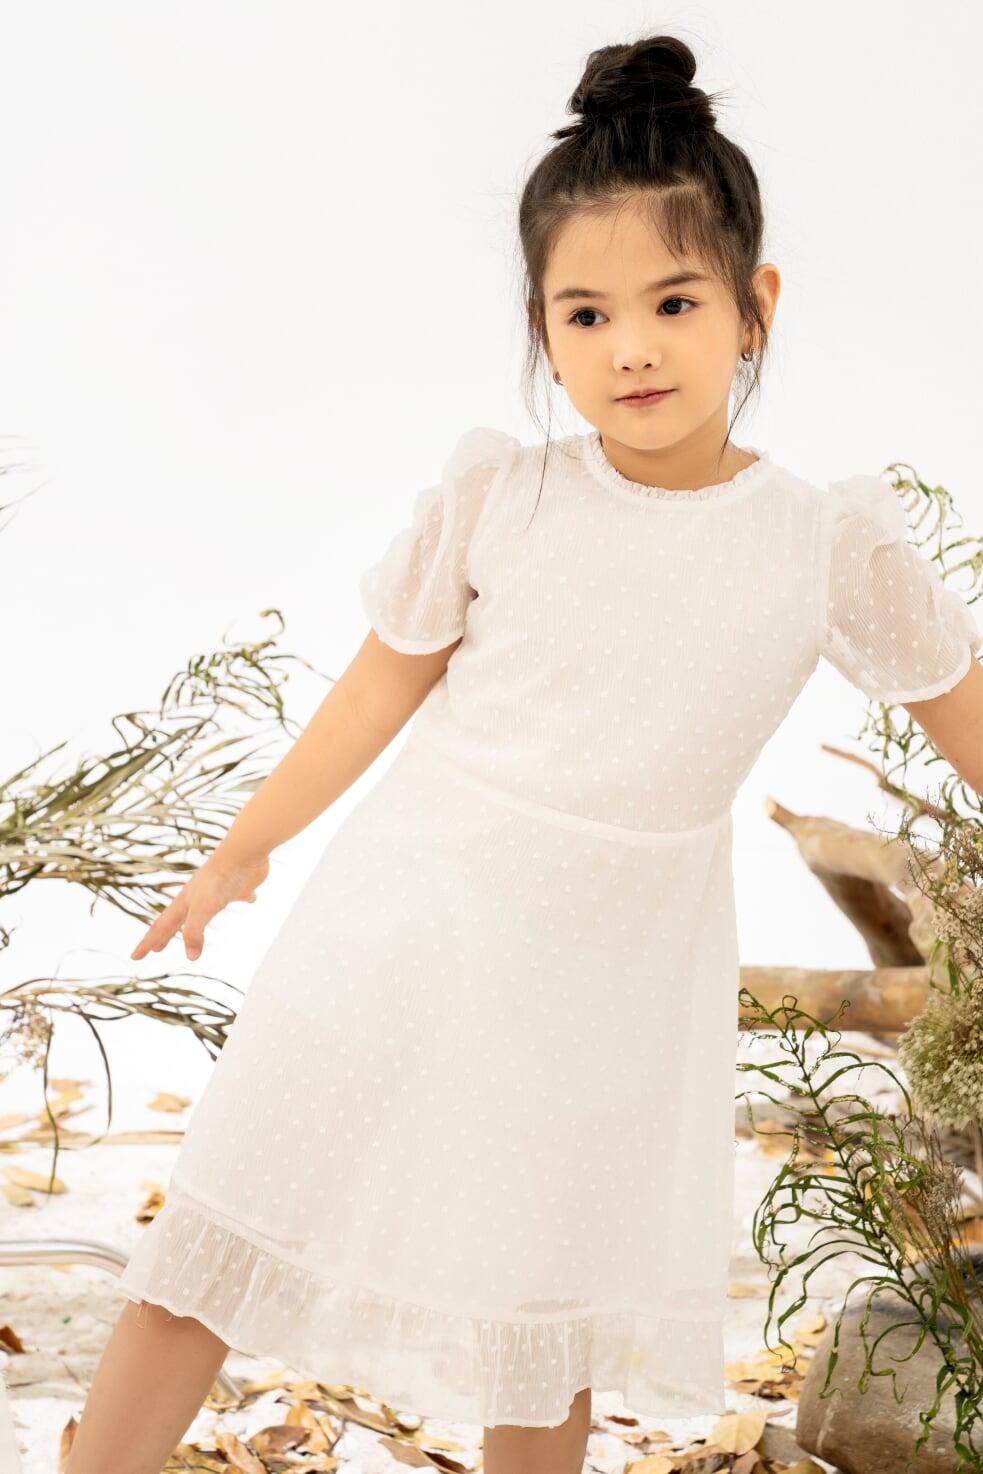 Váy Tơ Tay Nhún Bồng Bé Gái